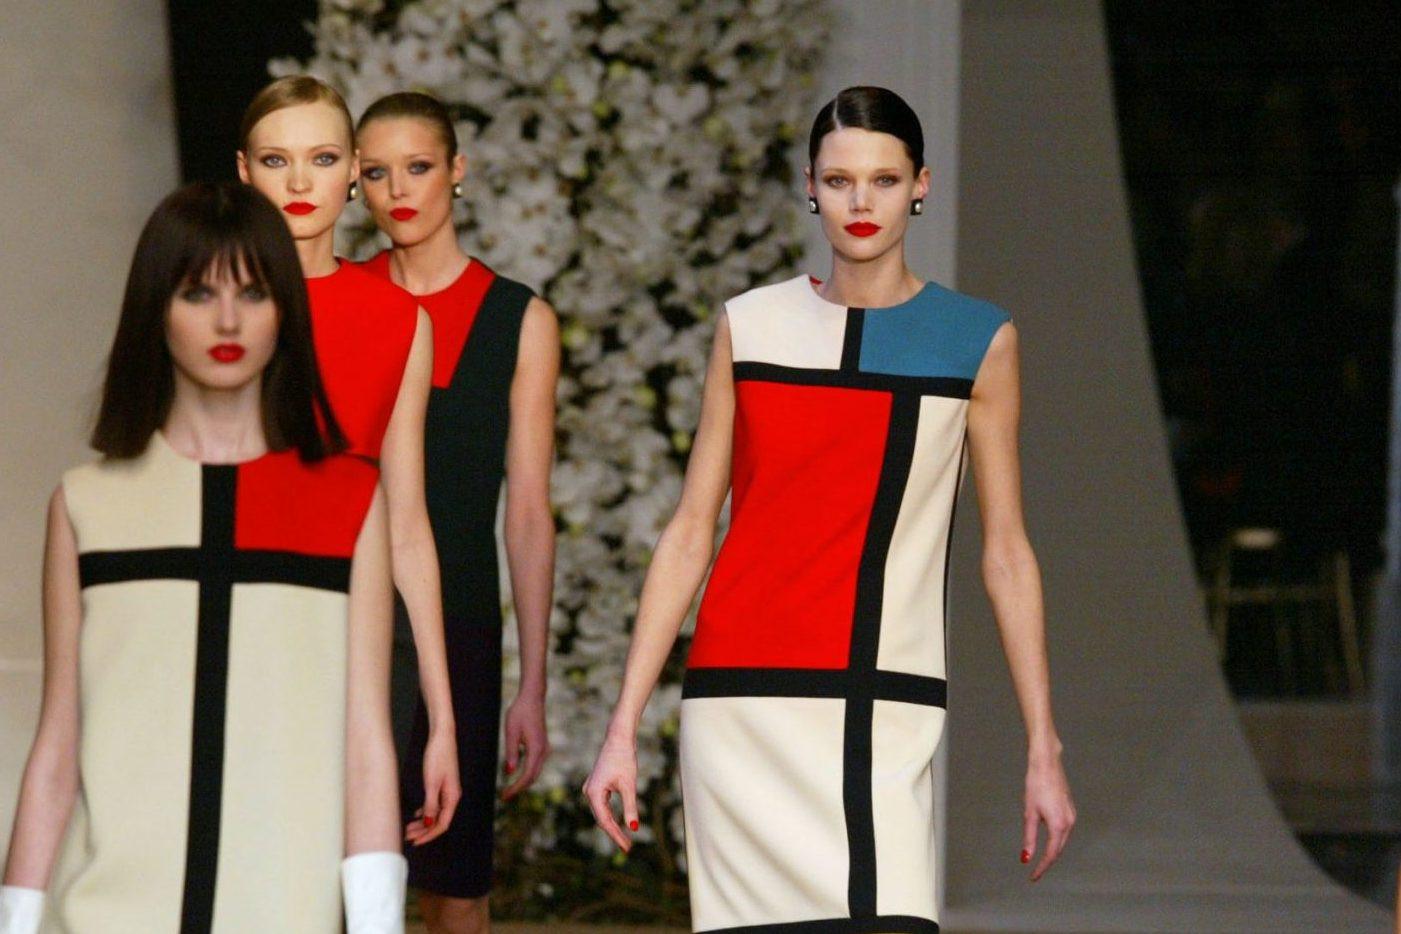 Yves Saint Laurent - tutte le collezioni d'alta moda, 1962 - 2002